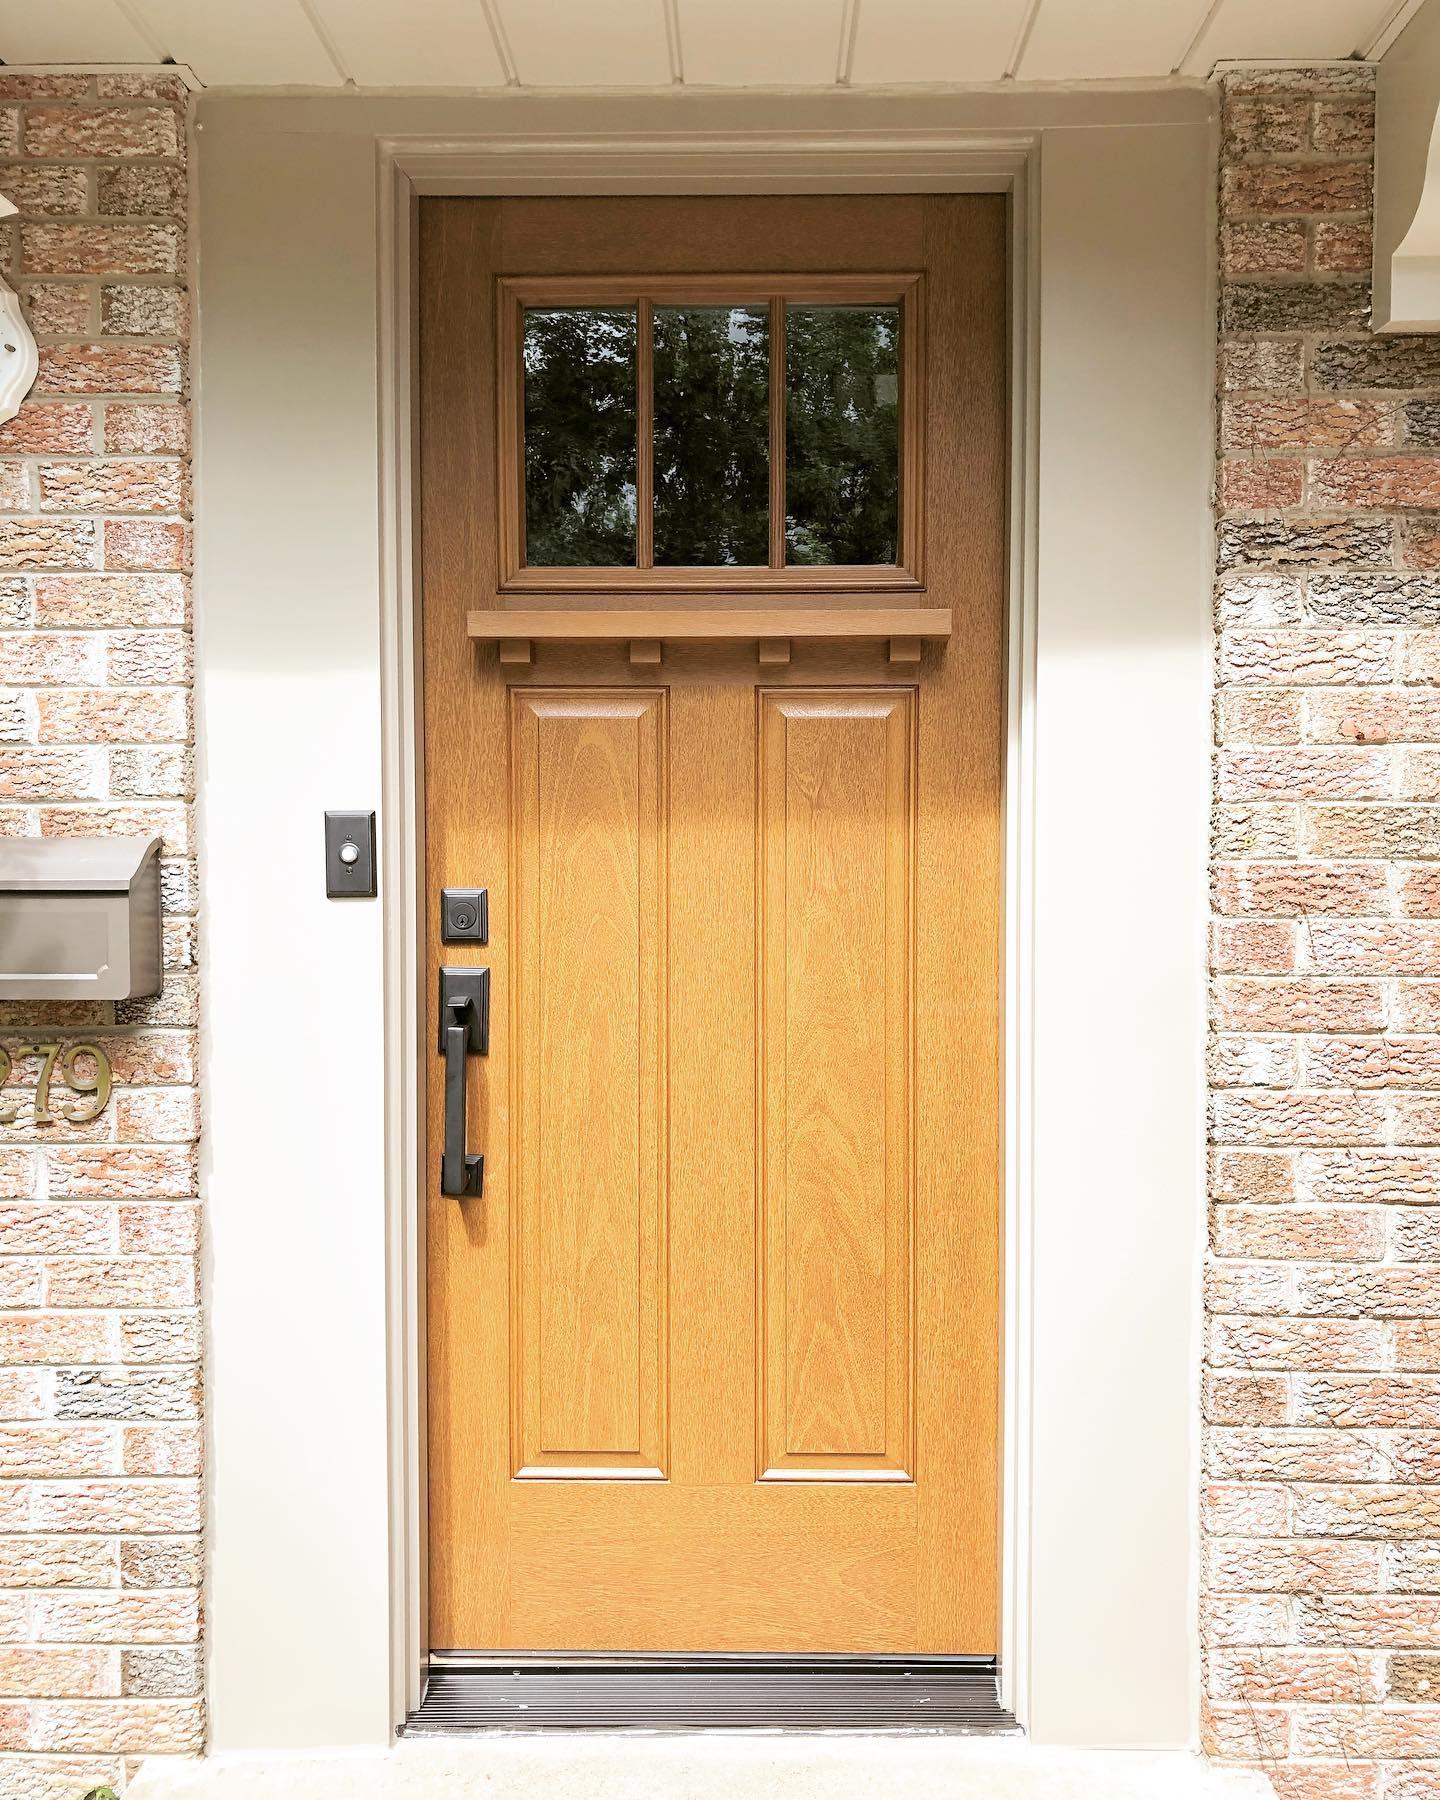 Craftsman style front door in fiberglass wood grain on brick house